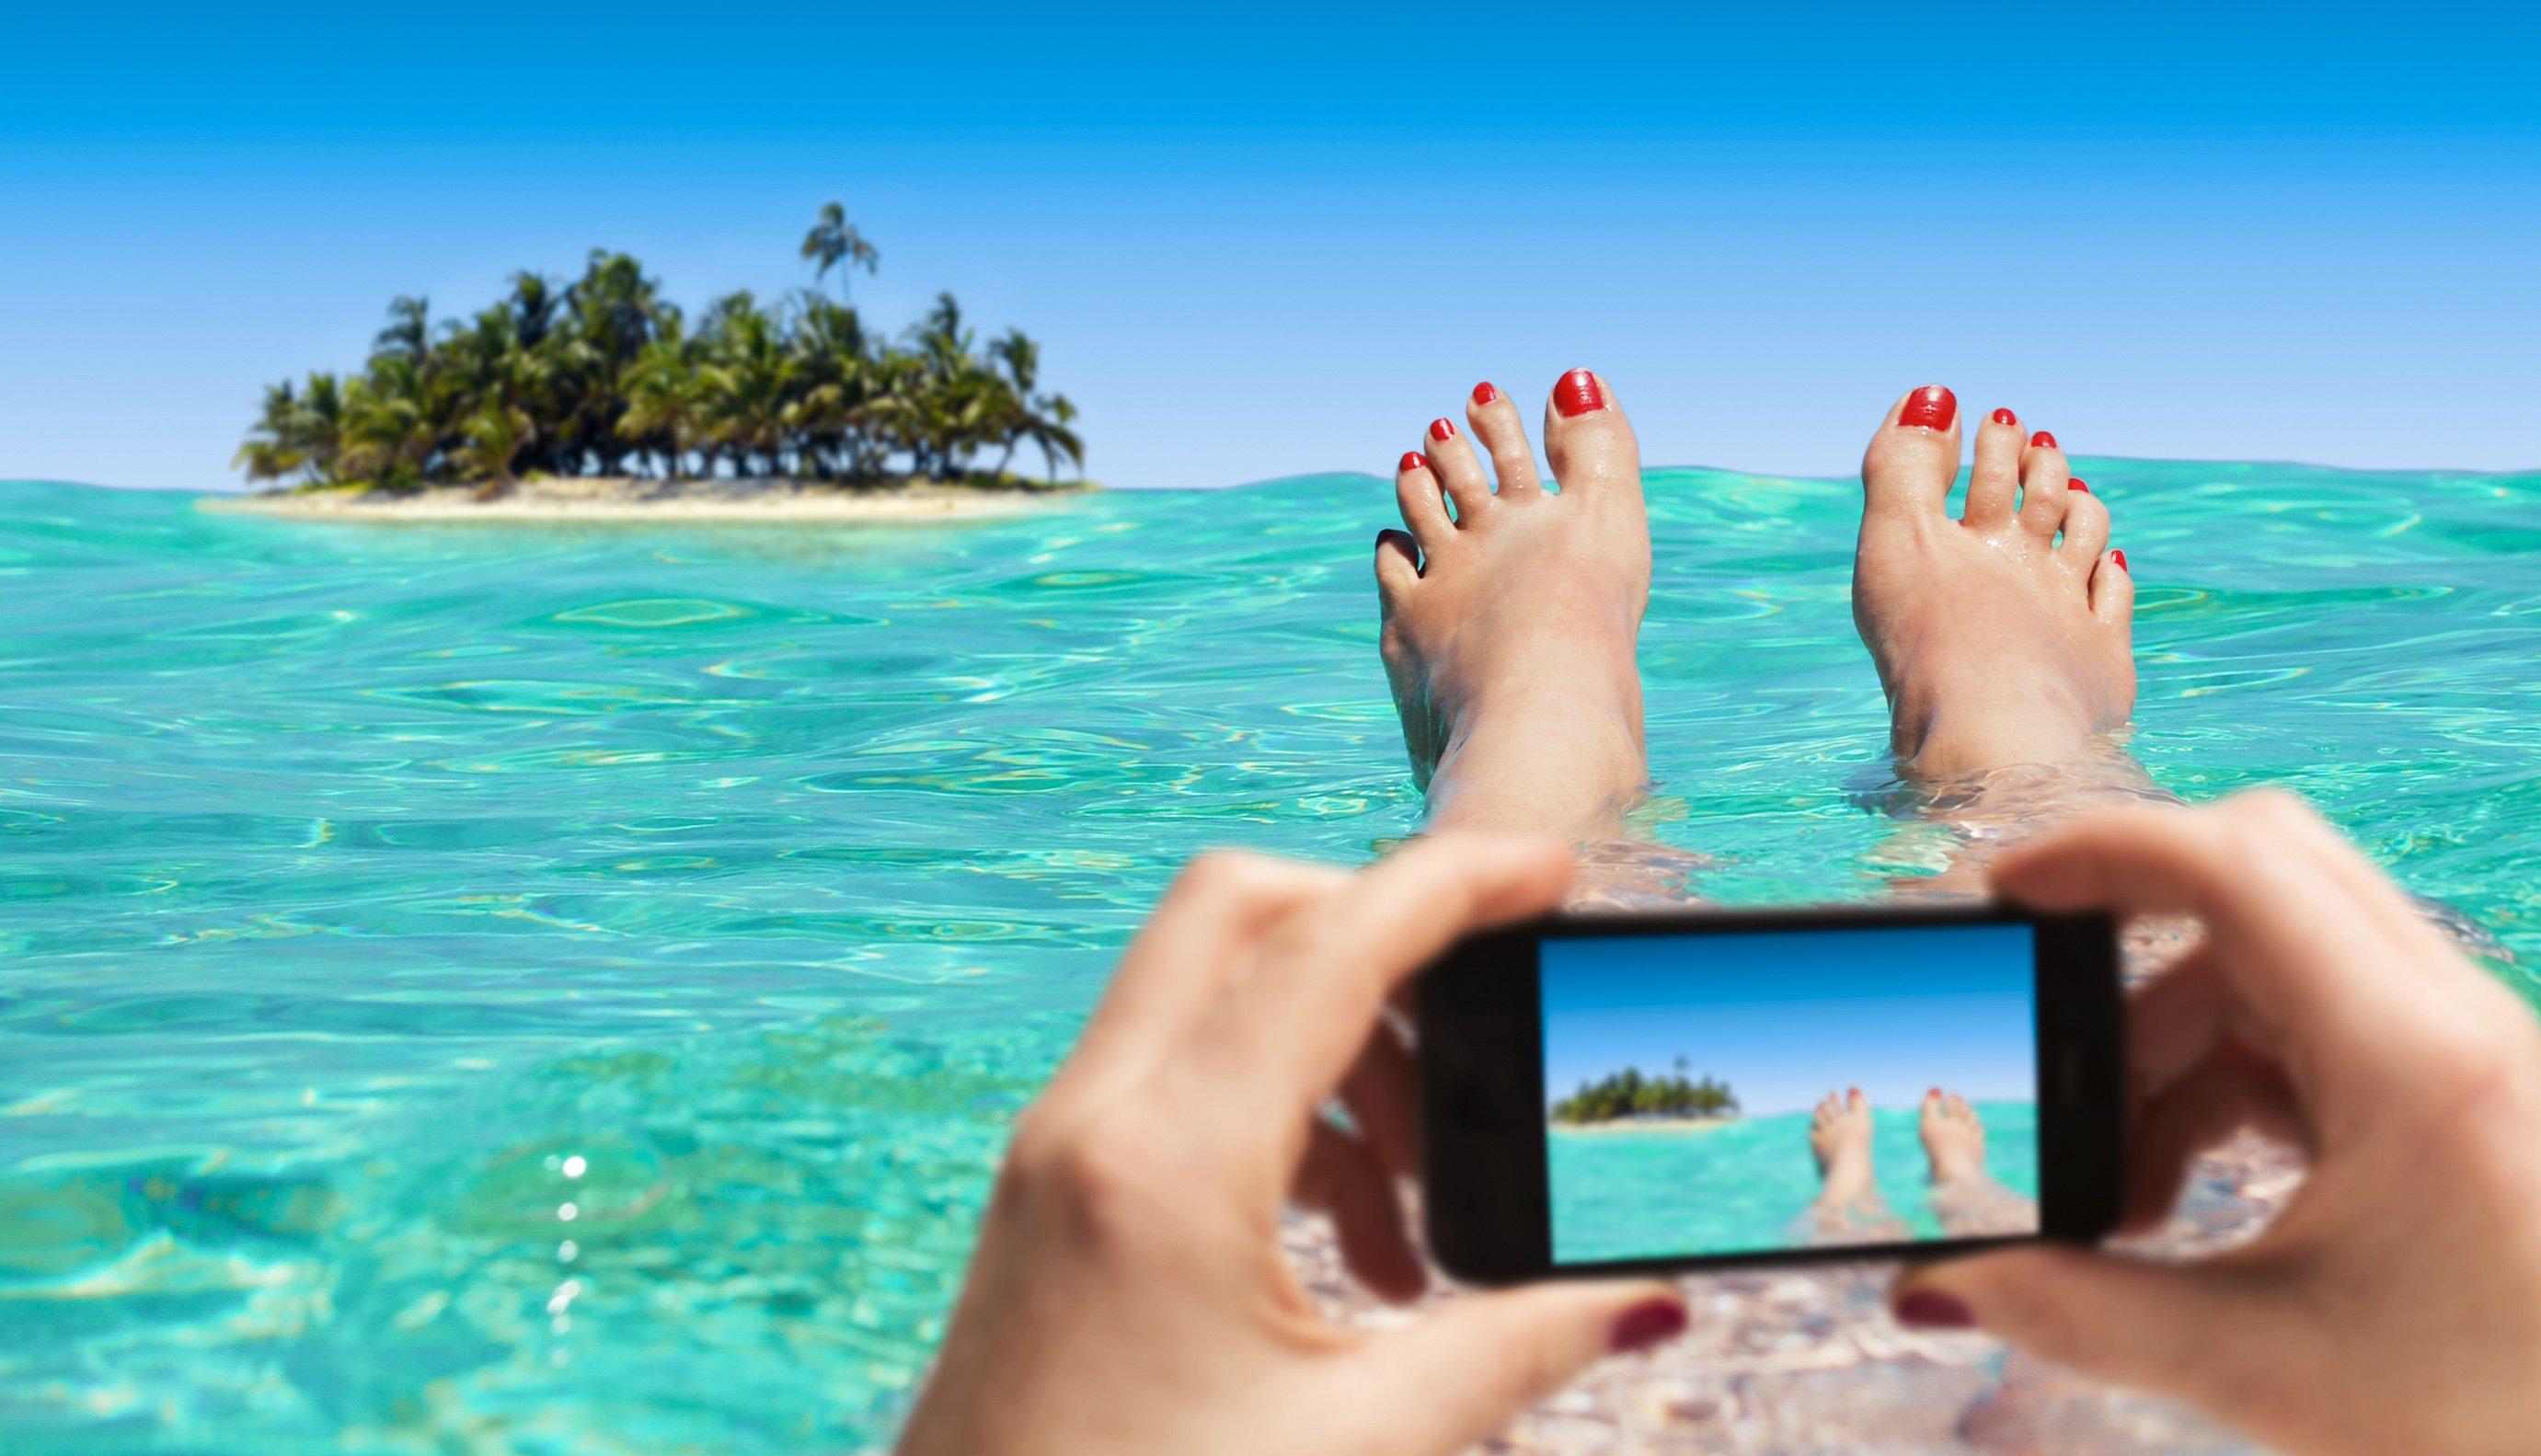 Die schönsten und lustigsten WhatsApp-Urlaubsgrüße